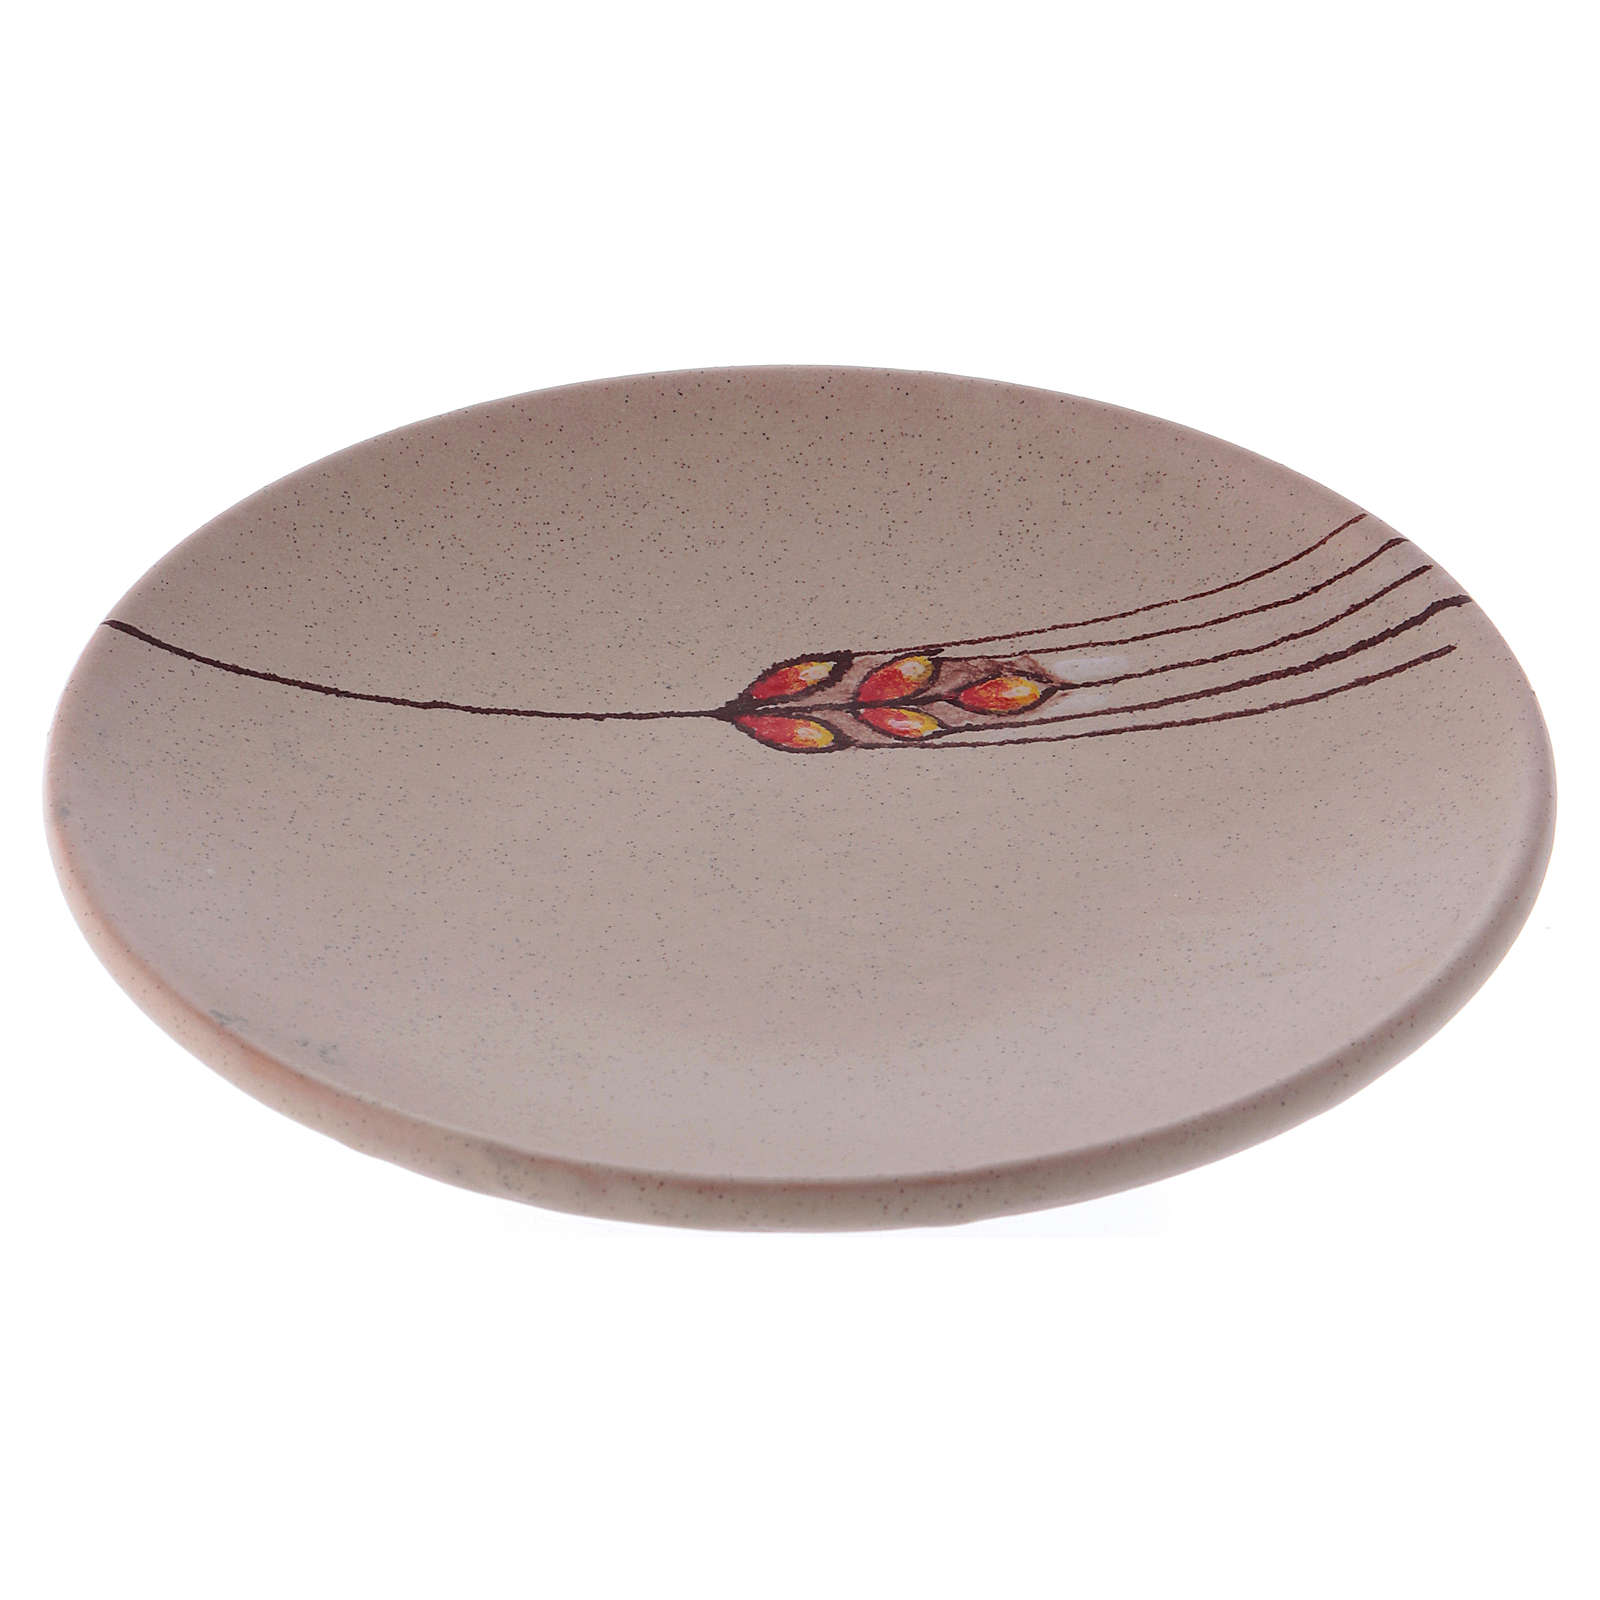 Piattino copri calice ceramica beige 4